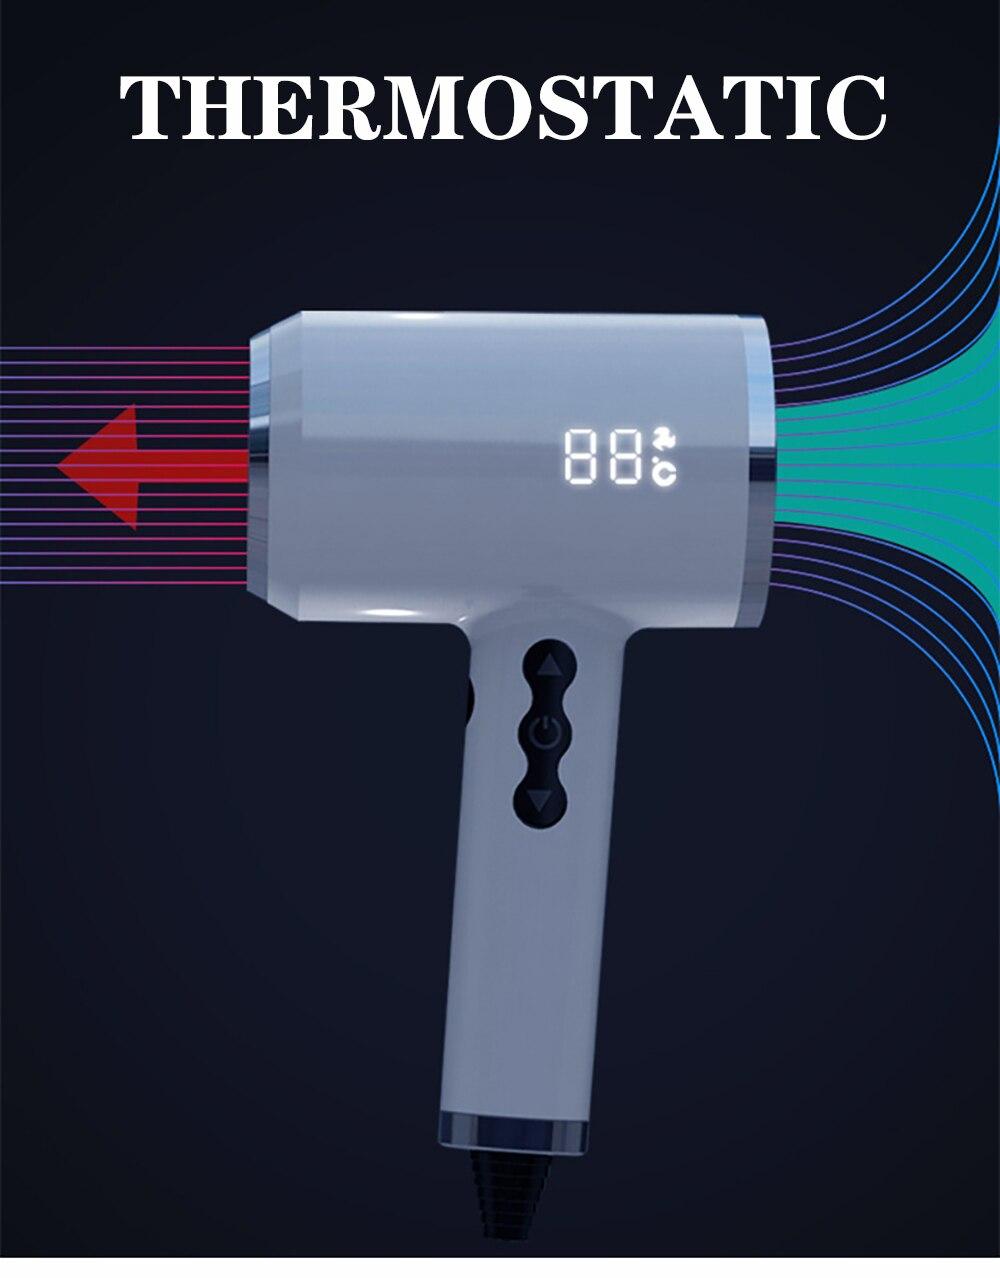 Profissional 1800w secador de cabelo quente e